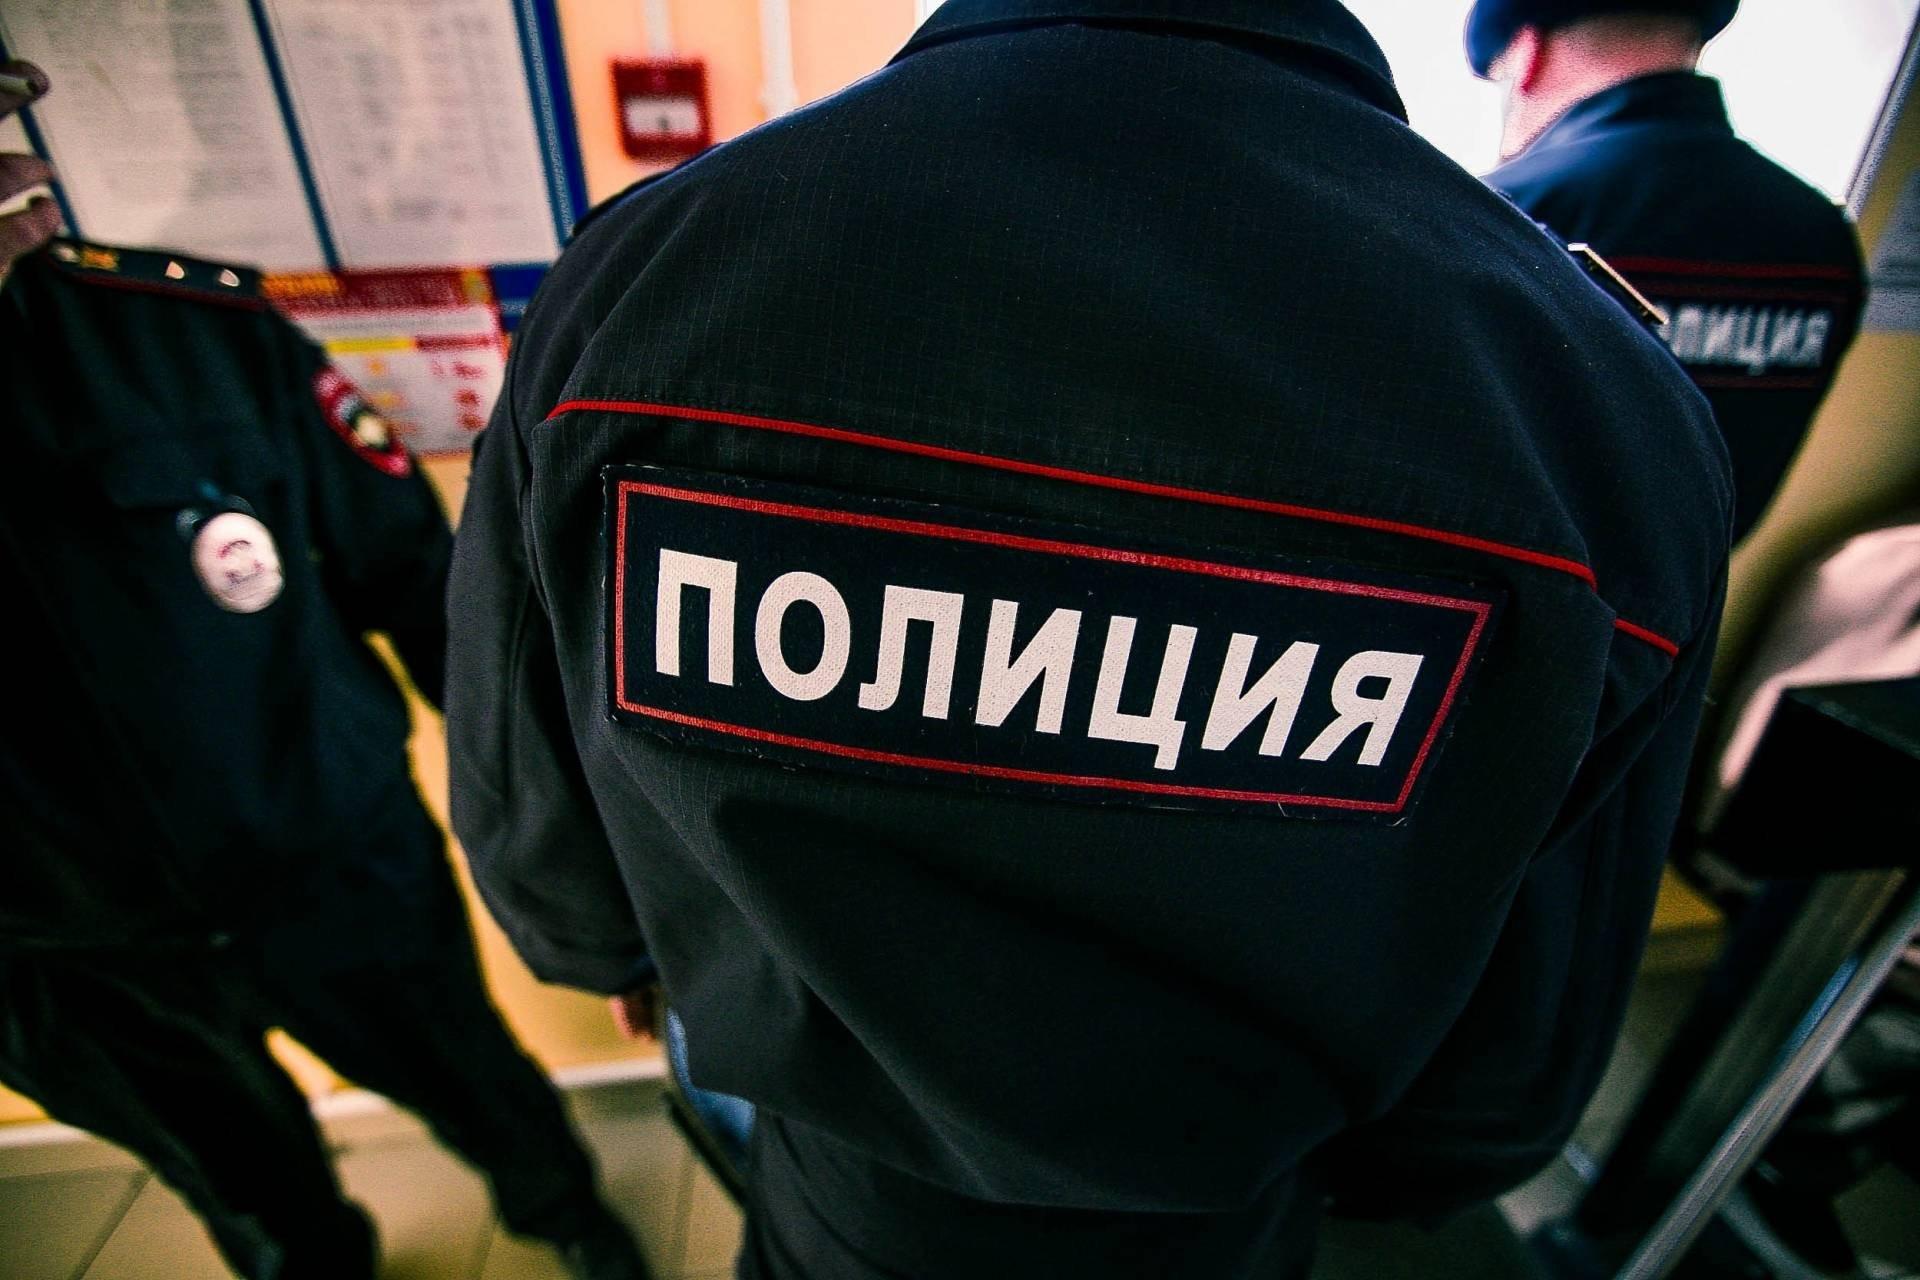 ВГеоргиевске схвачен 22-летний любитель «халявного» бензина